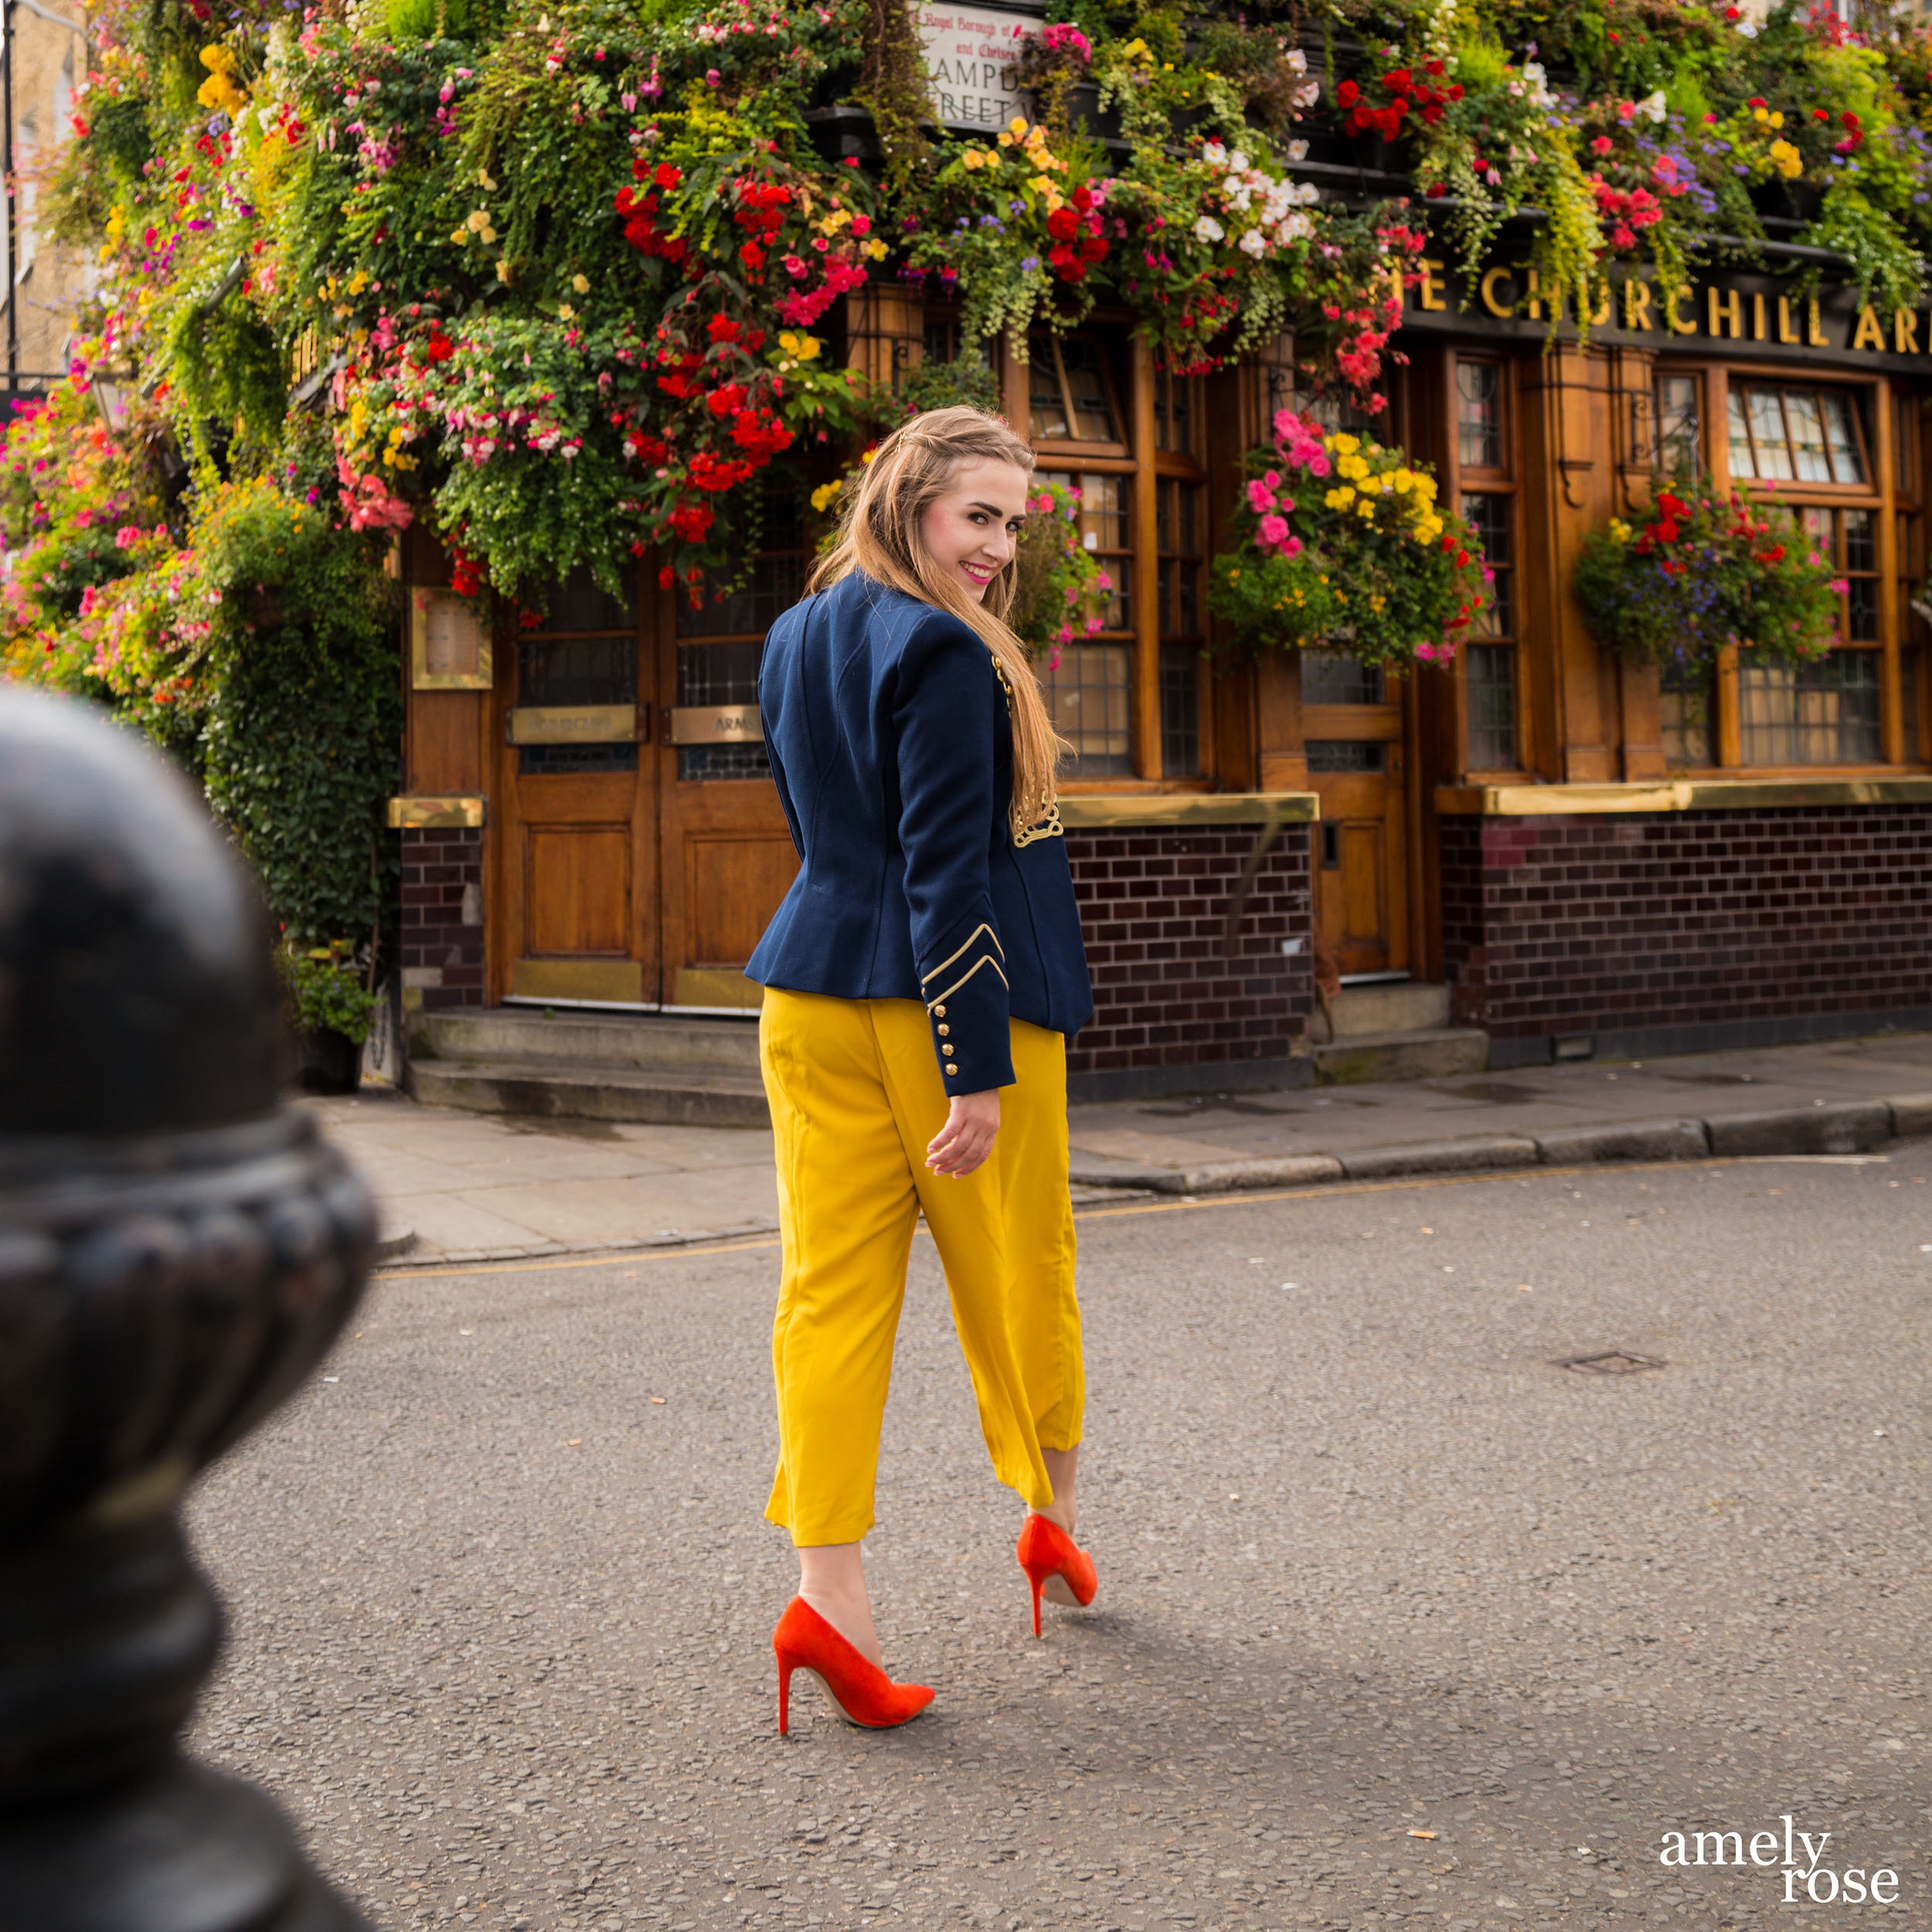 Amely Rose,german influencer während der London Fashionweek lfw vor einem szeneclub und hotspot, dem instagrammable churchill arm.